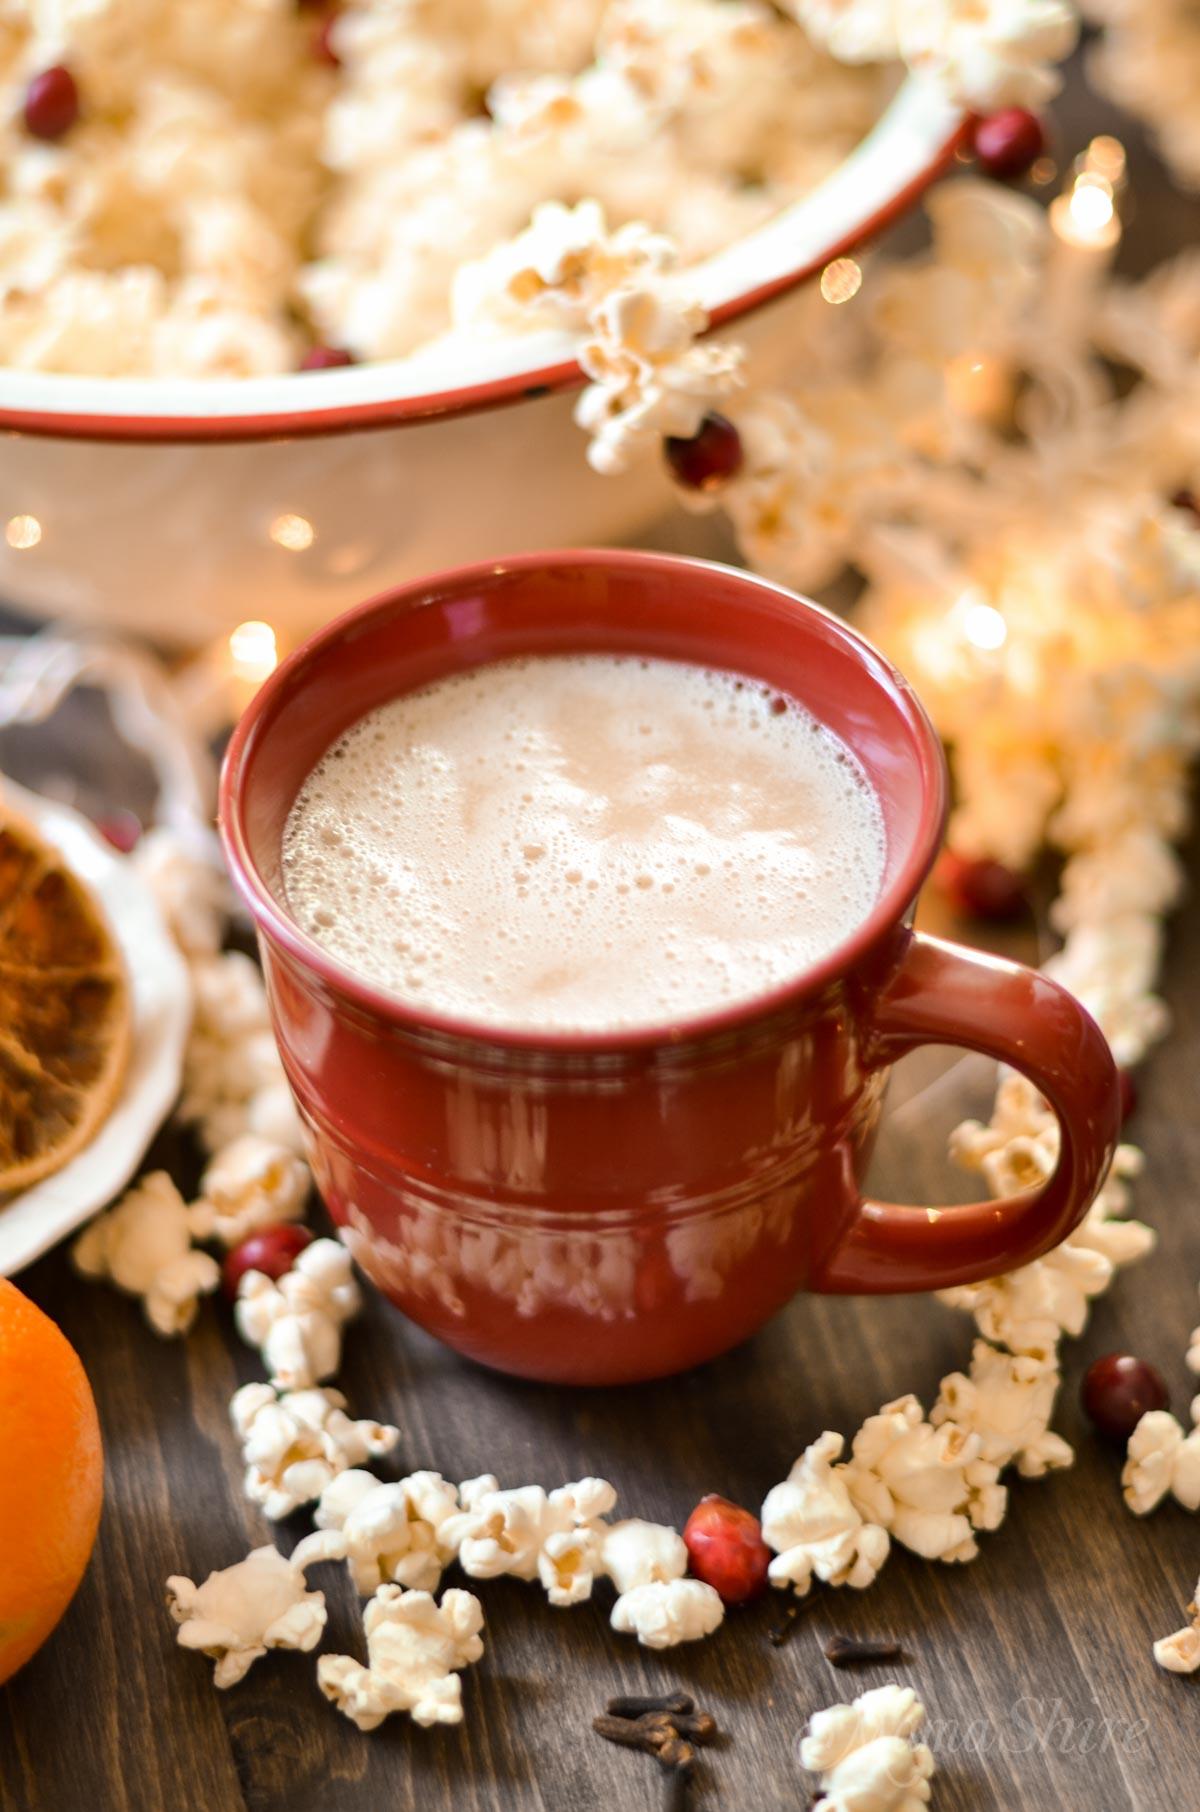 Dairy-free Eggnog, sugar-free, gluten-free, low-carb, THM-S #dairyfree #eggnog #trimhealthymama